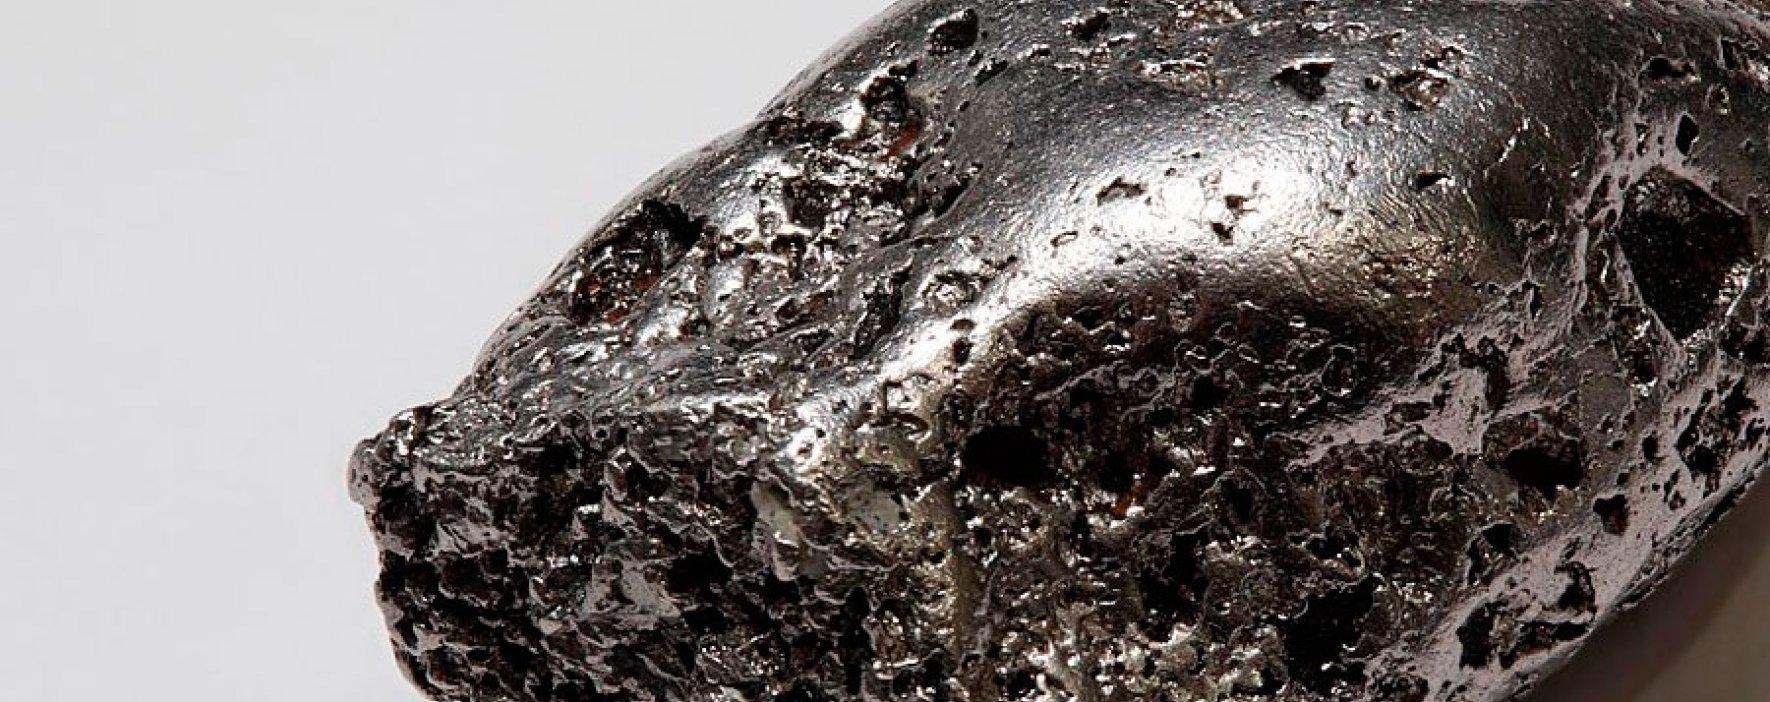 Contrabando de acero por extracción desde Venezuela sigue latente